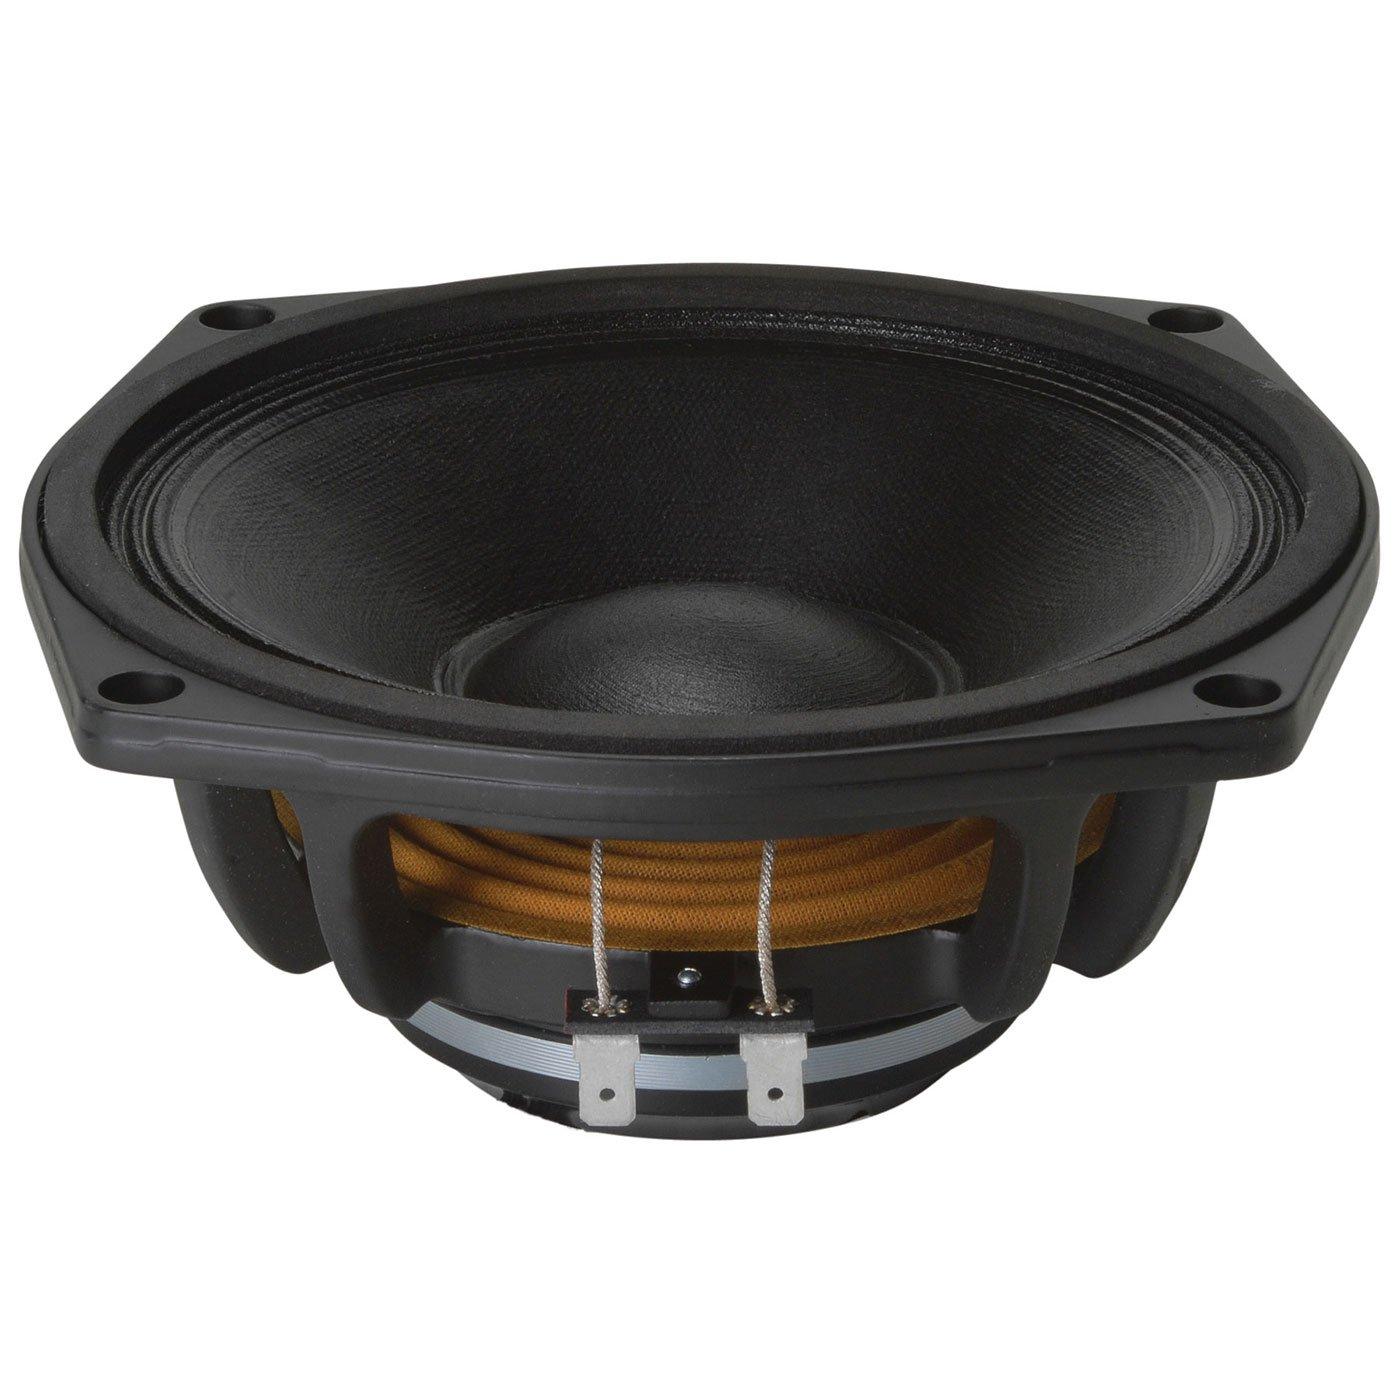 B&C 6MDN44 6-1/2'' Neodymium Midrange Speaker